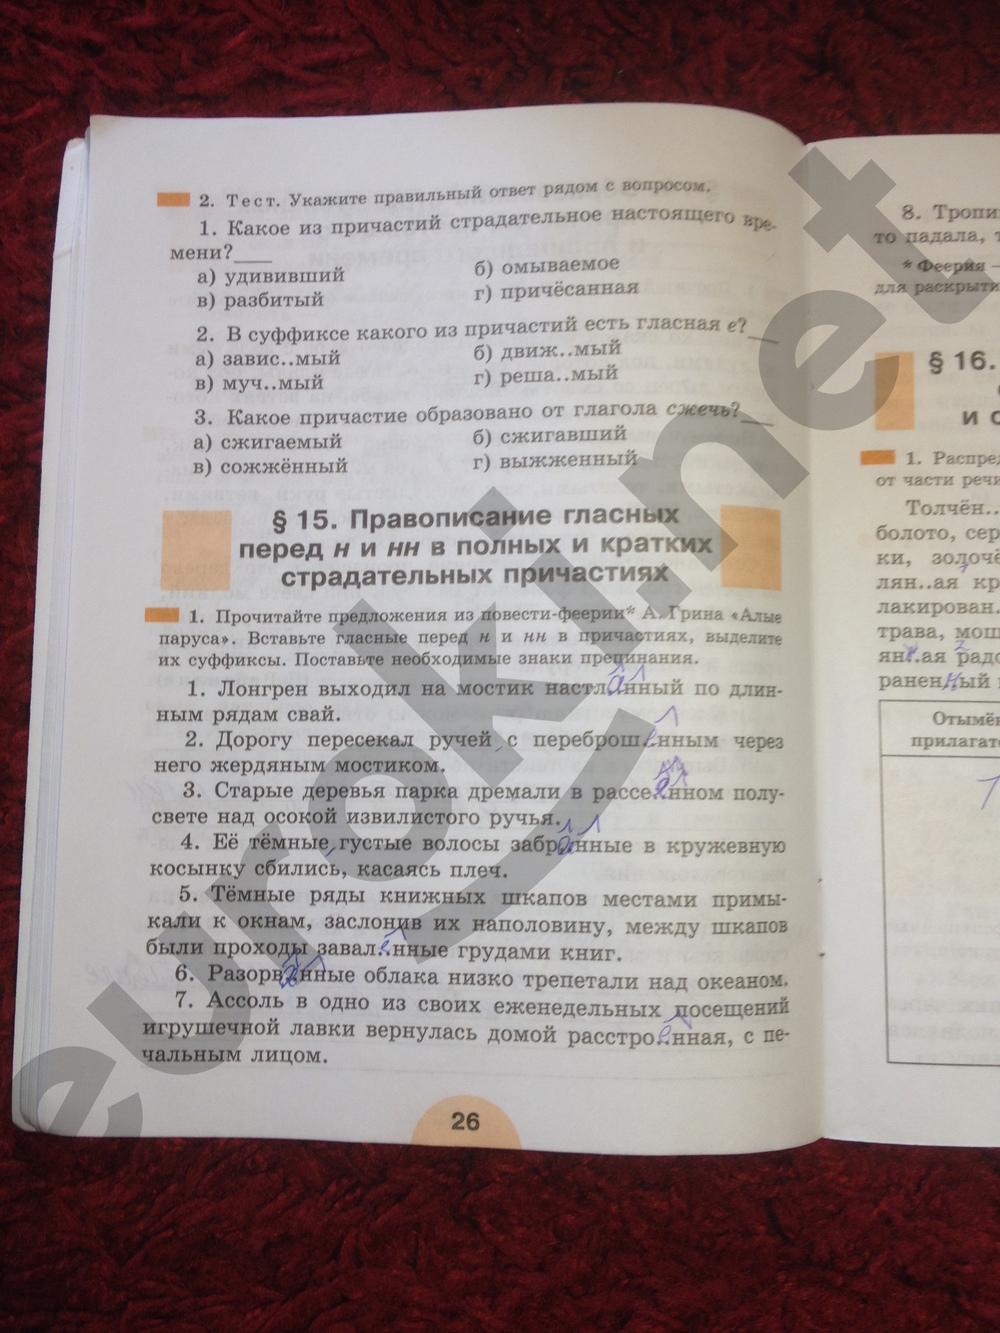 гдз по русскому языку 8 класс просвещение рыбченкова